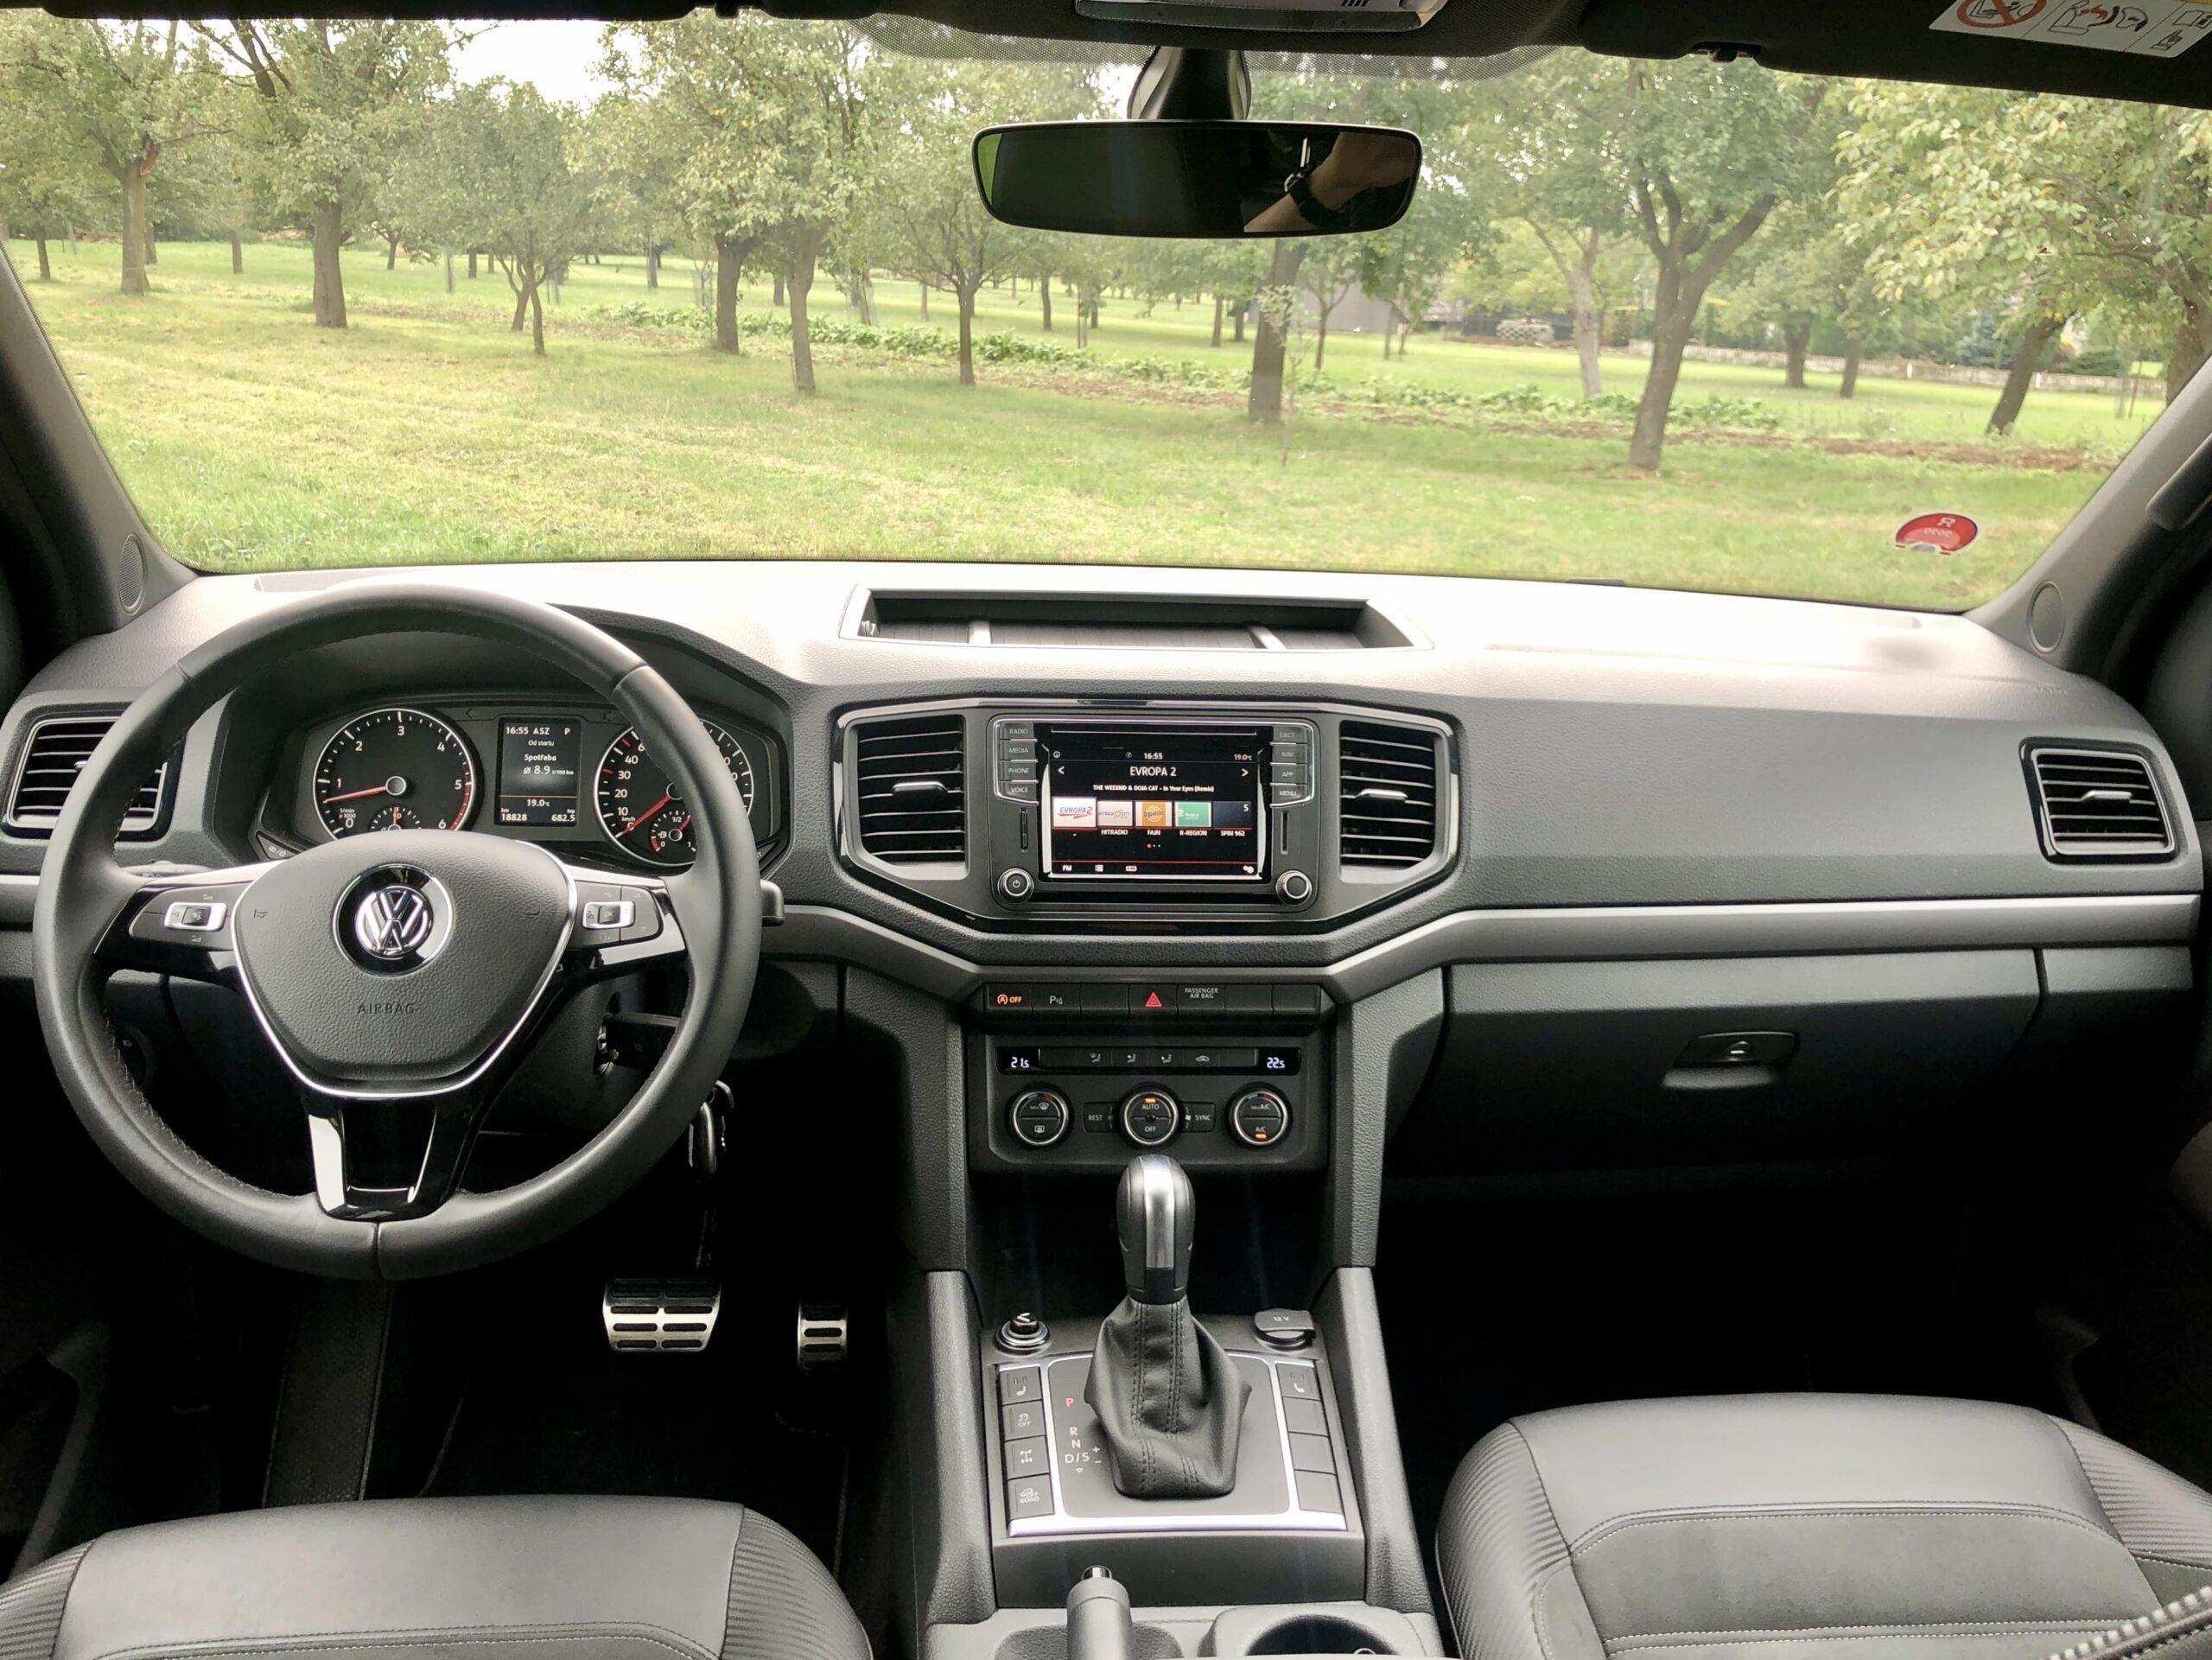 Volkswagen Amarok Canyon interier